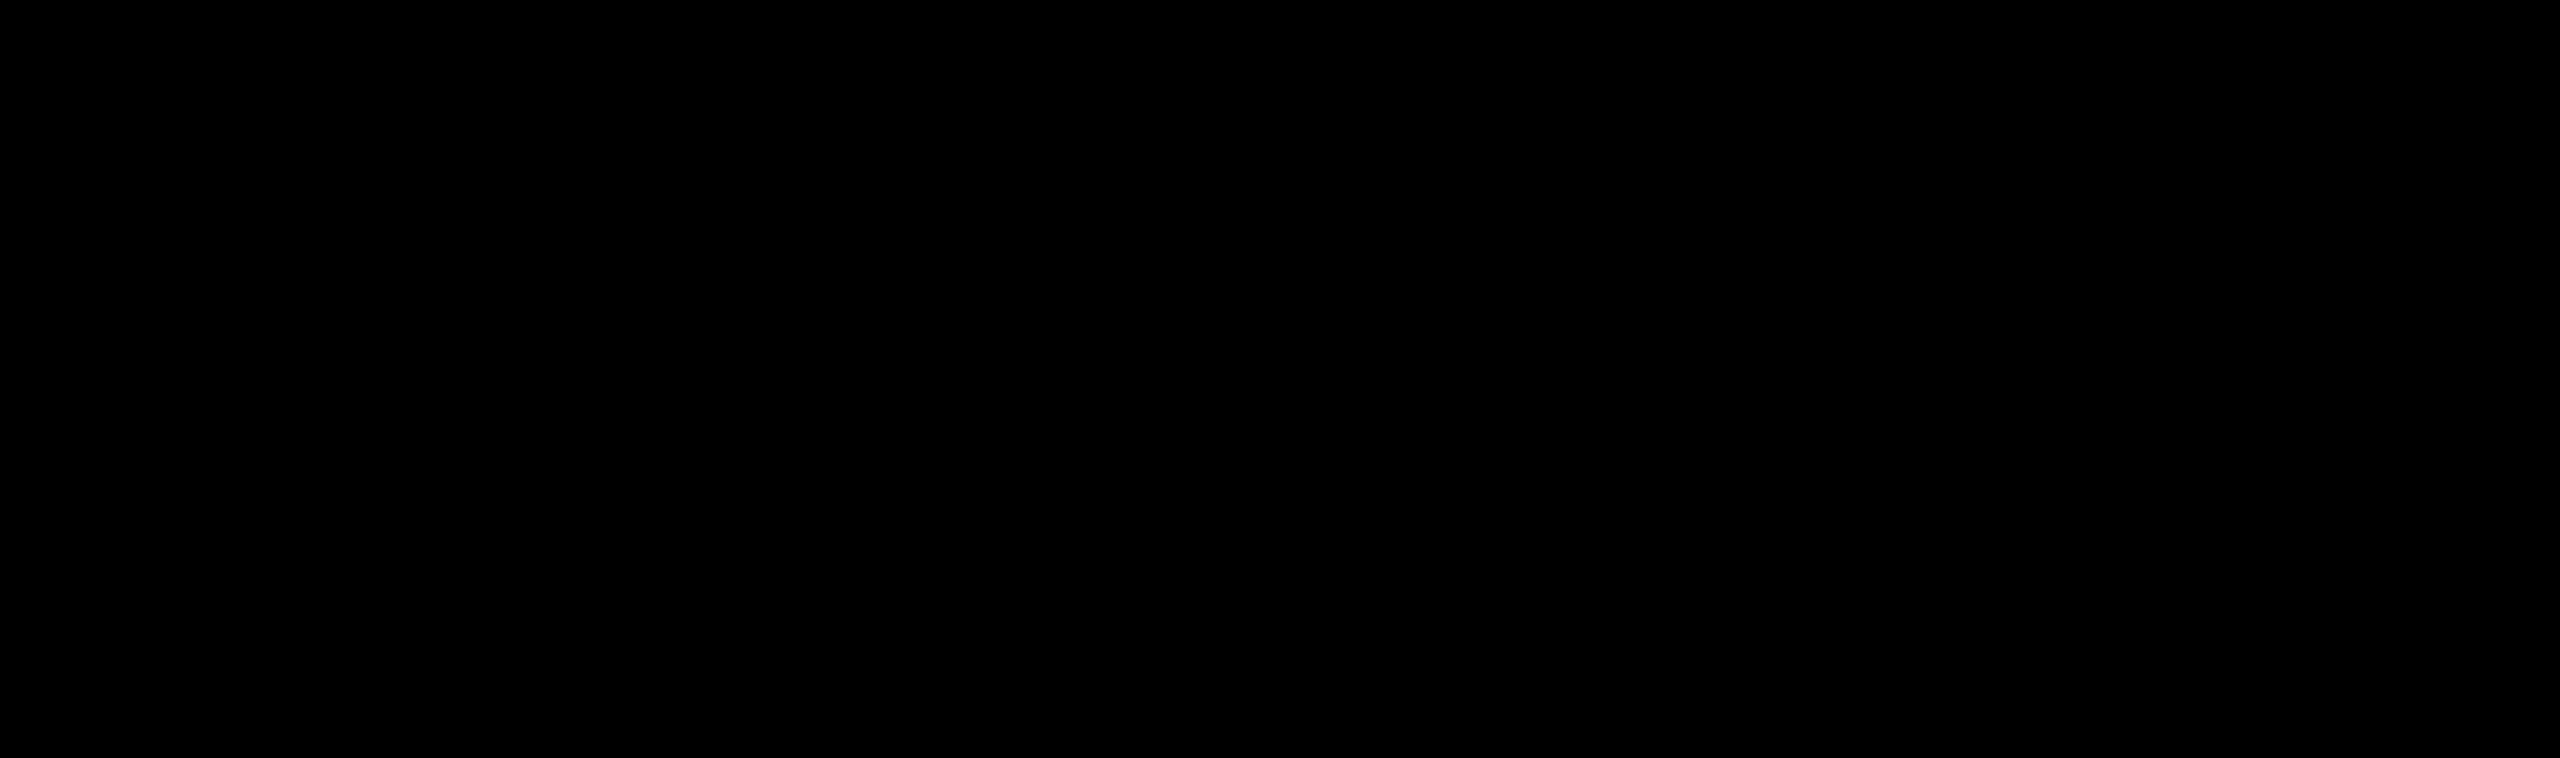 Battlefield_2042_logo_-_black_color_version.svg.png